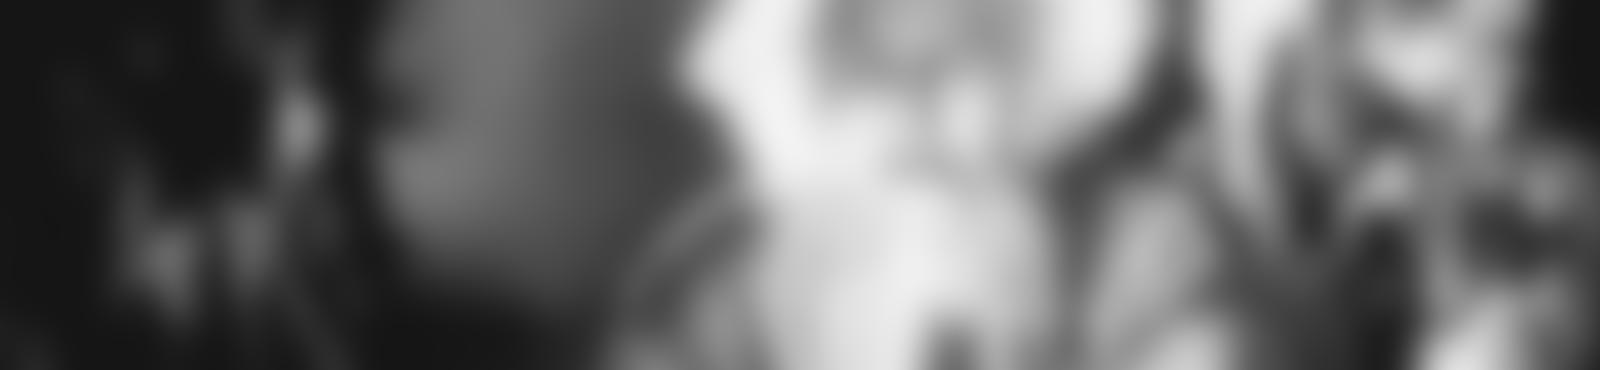 Blurred 9900b70d 9937 4f7a 9610 b6df58c09a30